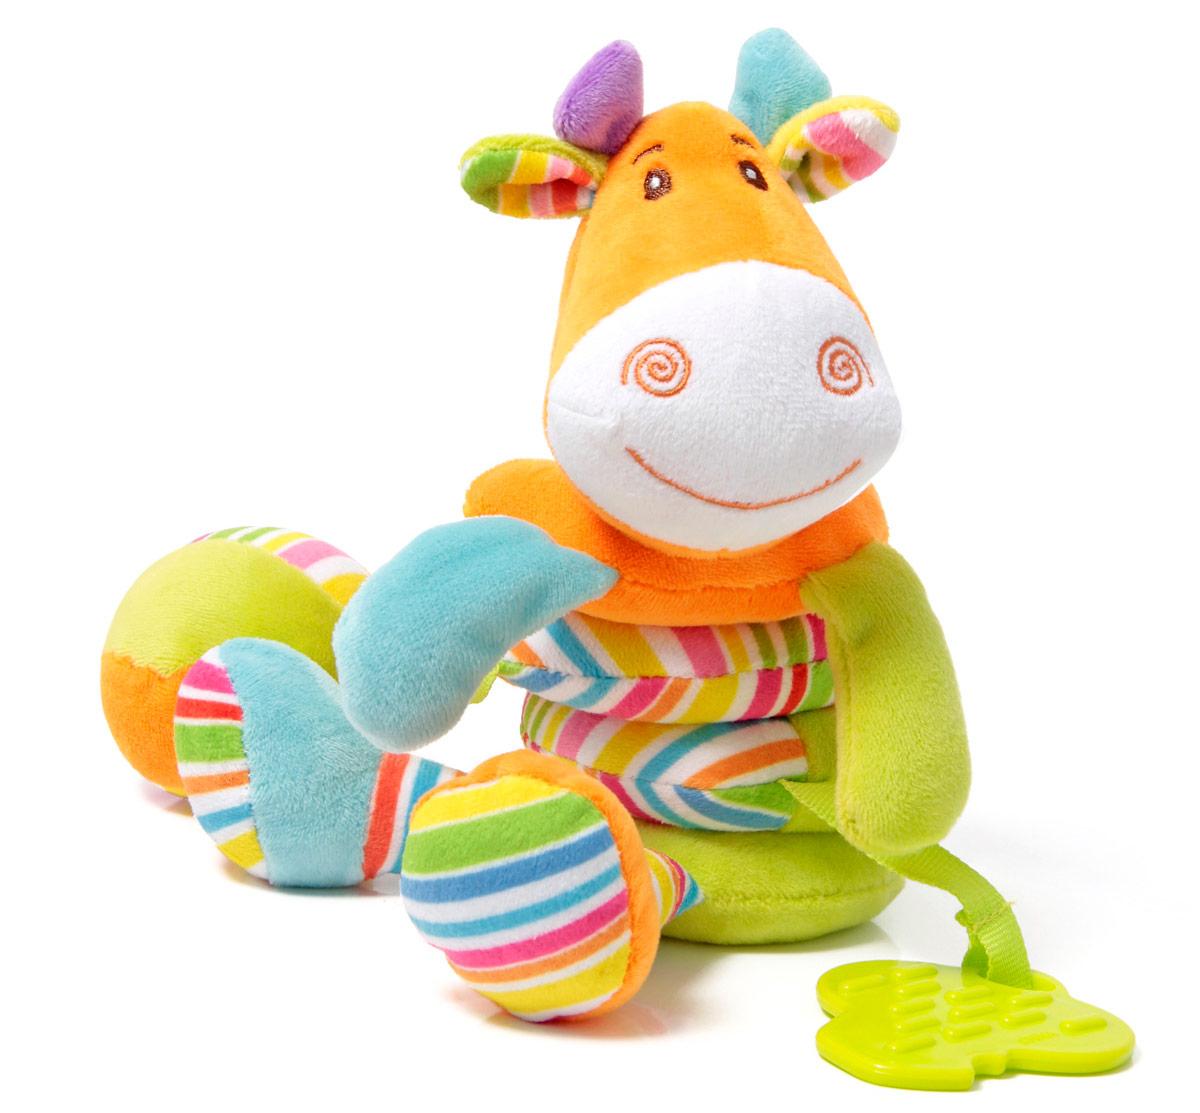 Ути-Пути Развивающая игрушка Жираф43234Игрушки «Ути-пути» несут развлекательный и обучающий характер. Они учат малыша взаимодействовать с окружающим миром, знакомят со свойствами разных предметов, помогают развивать основные рефлексы (внимание, моторику рук, цветовое восприятие). Развивающая игрушка пружина Жираф с прорезывателем, гремящими шариками внутри головы и пищалкой в мячике, при оттягивании вниз возвращается в исходное положение. Игрушка привлекает внимание и способствует развитию зрения и тактильного восприятия малыша.